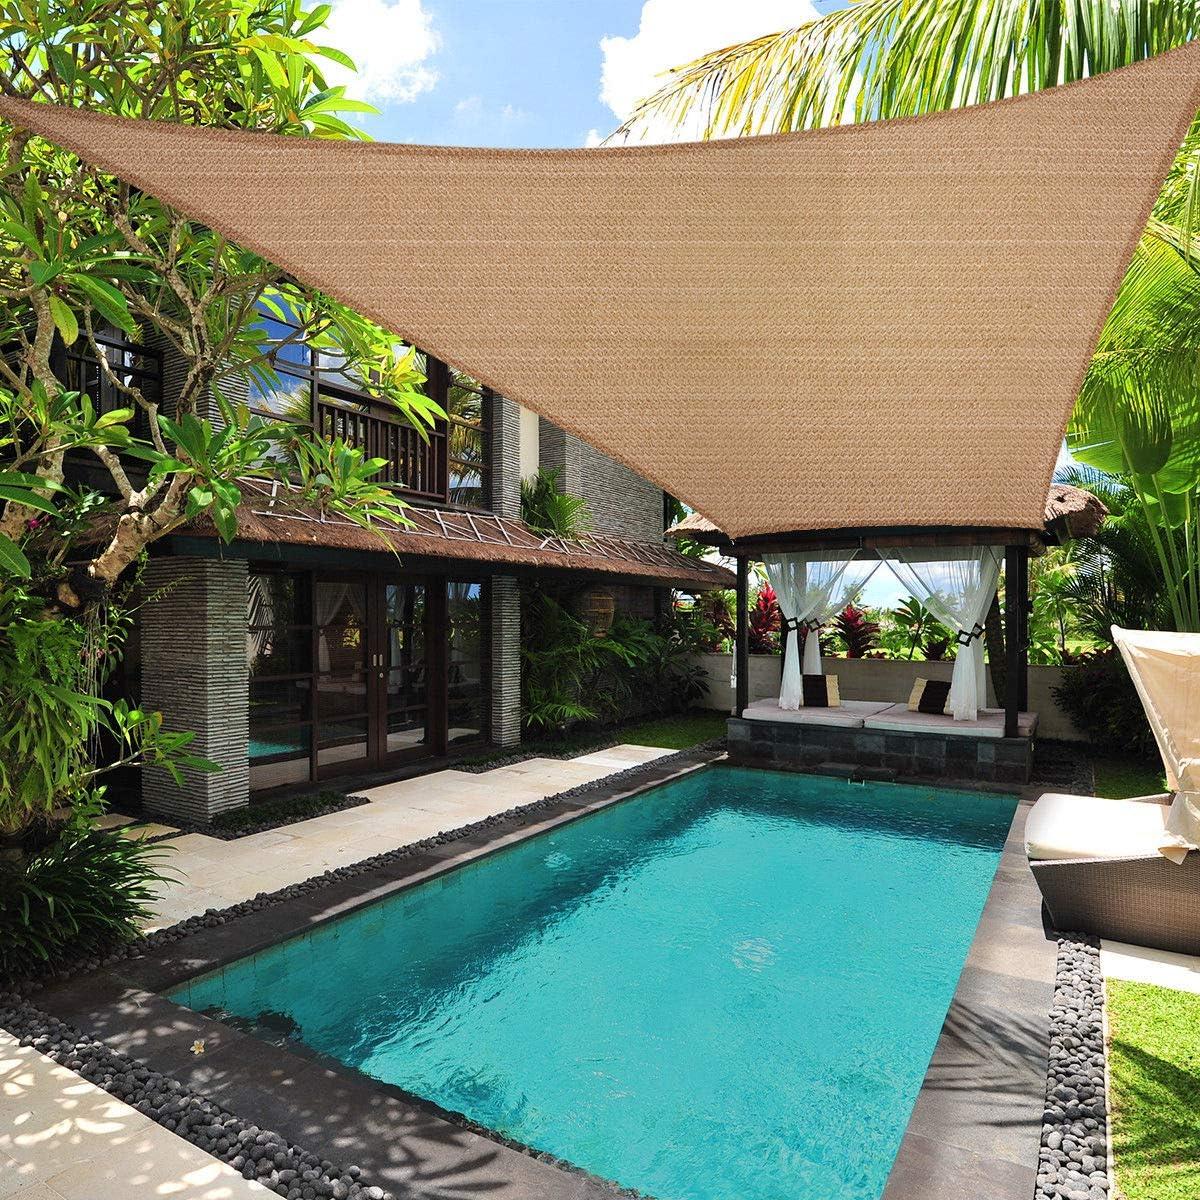 protege contra la exposici/ón al sol y las ca/ídas de hojas f/ácil de instalar y no roto Timebox Funda redonda para piscina